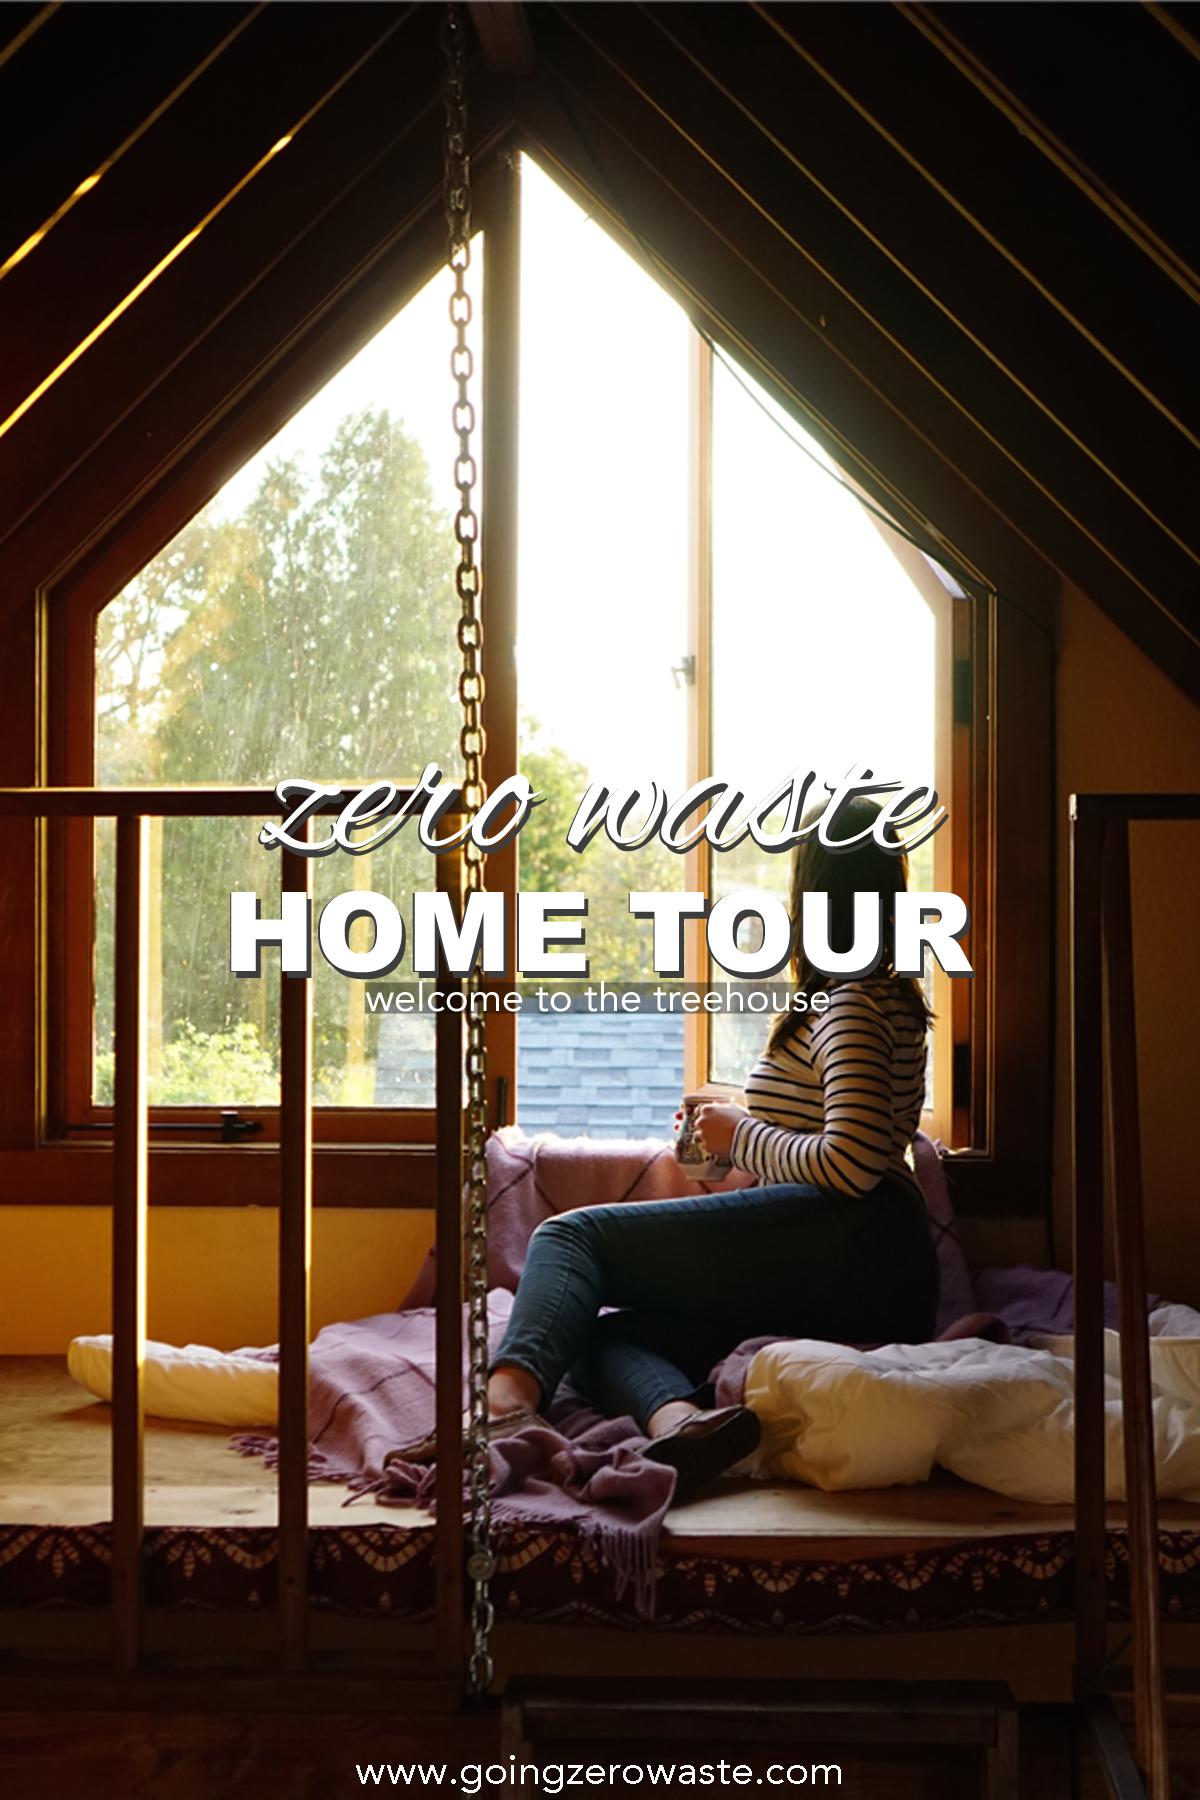 Zero waste home tour - treehouse edition from www.goingzerowaste.com #zerowaste